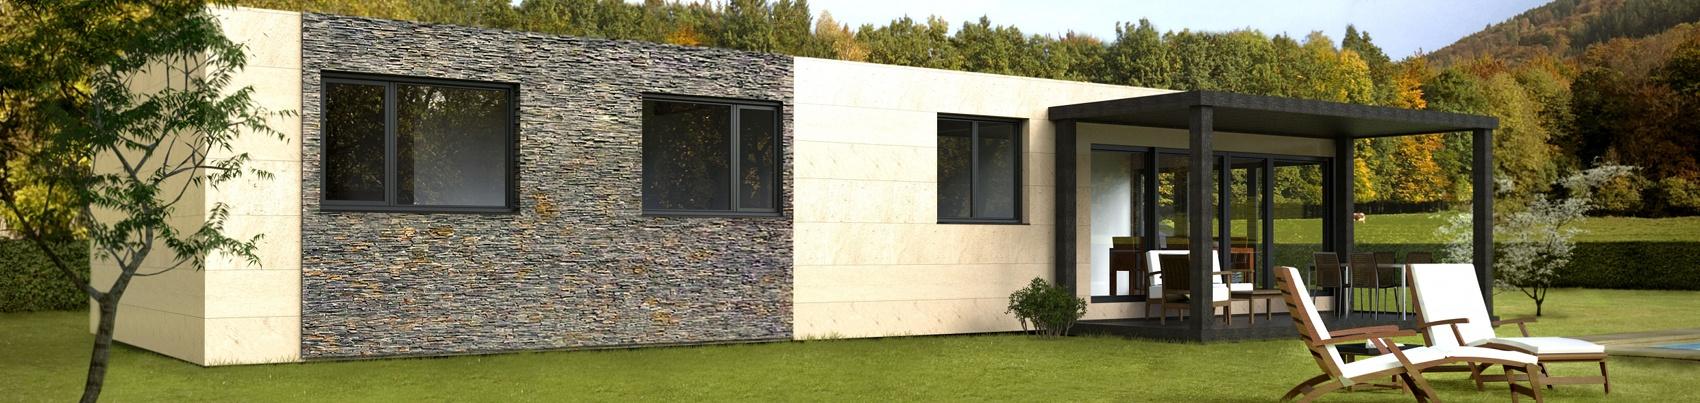 Cube 100 casas prefabricadas y modulares cube - Casa prefabricada asturias ...